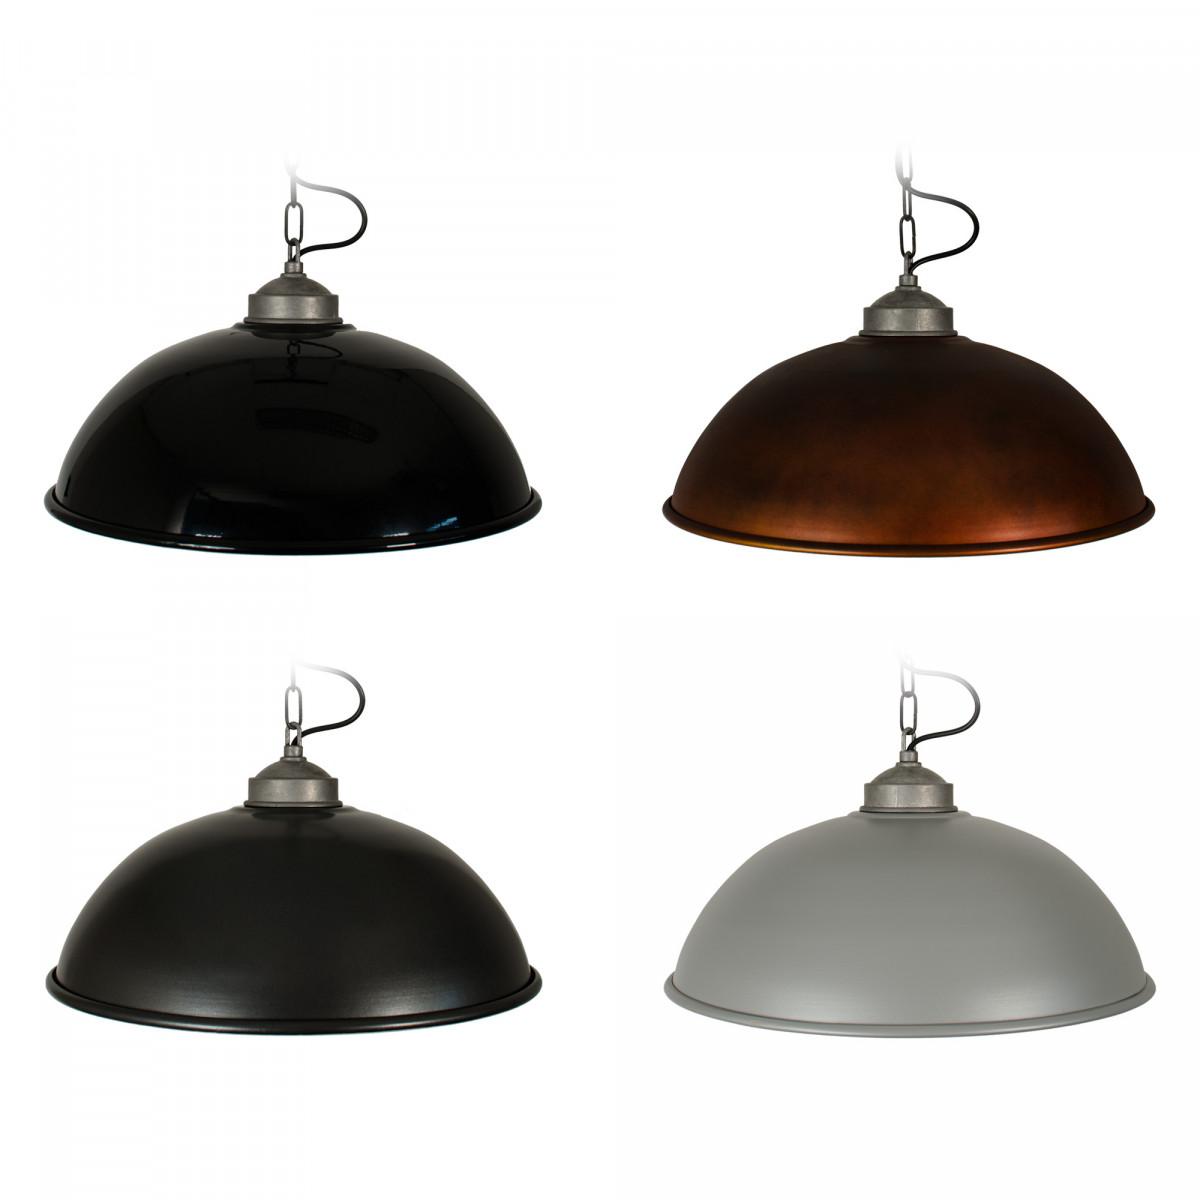 Hanglamp Industrial  Zwart (1201K4) - KS Verlichting - Stoer & Industrieel